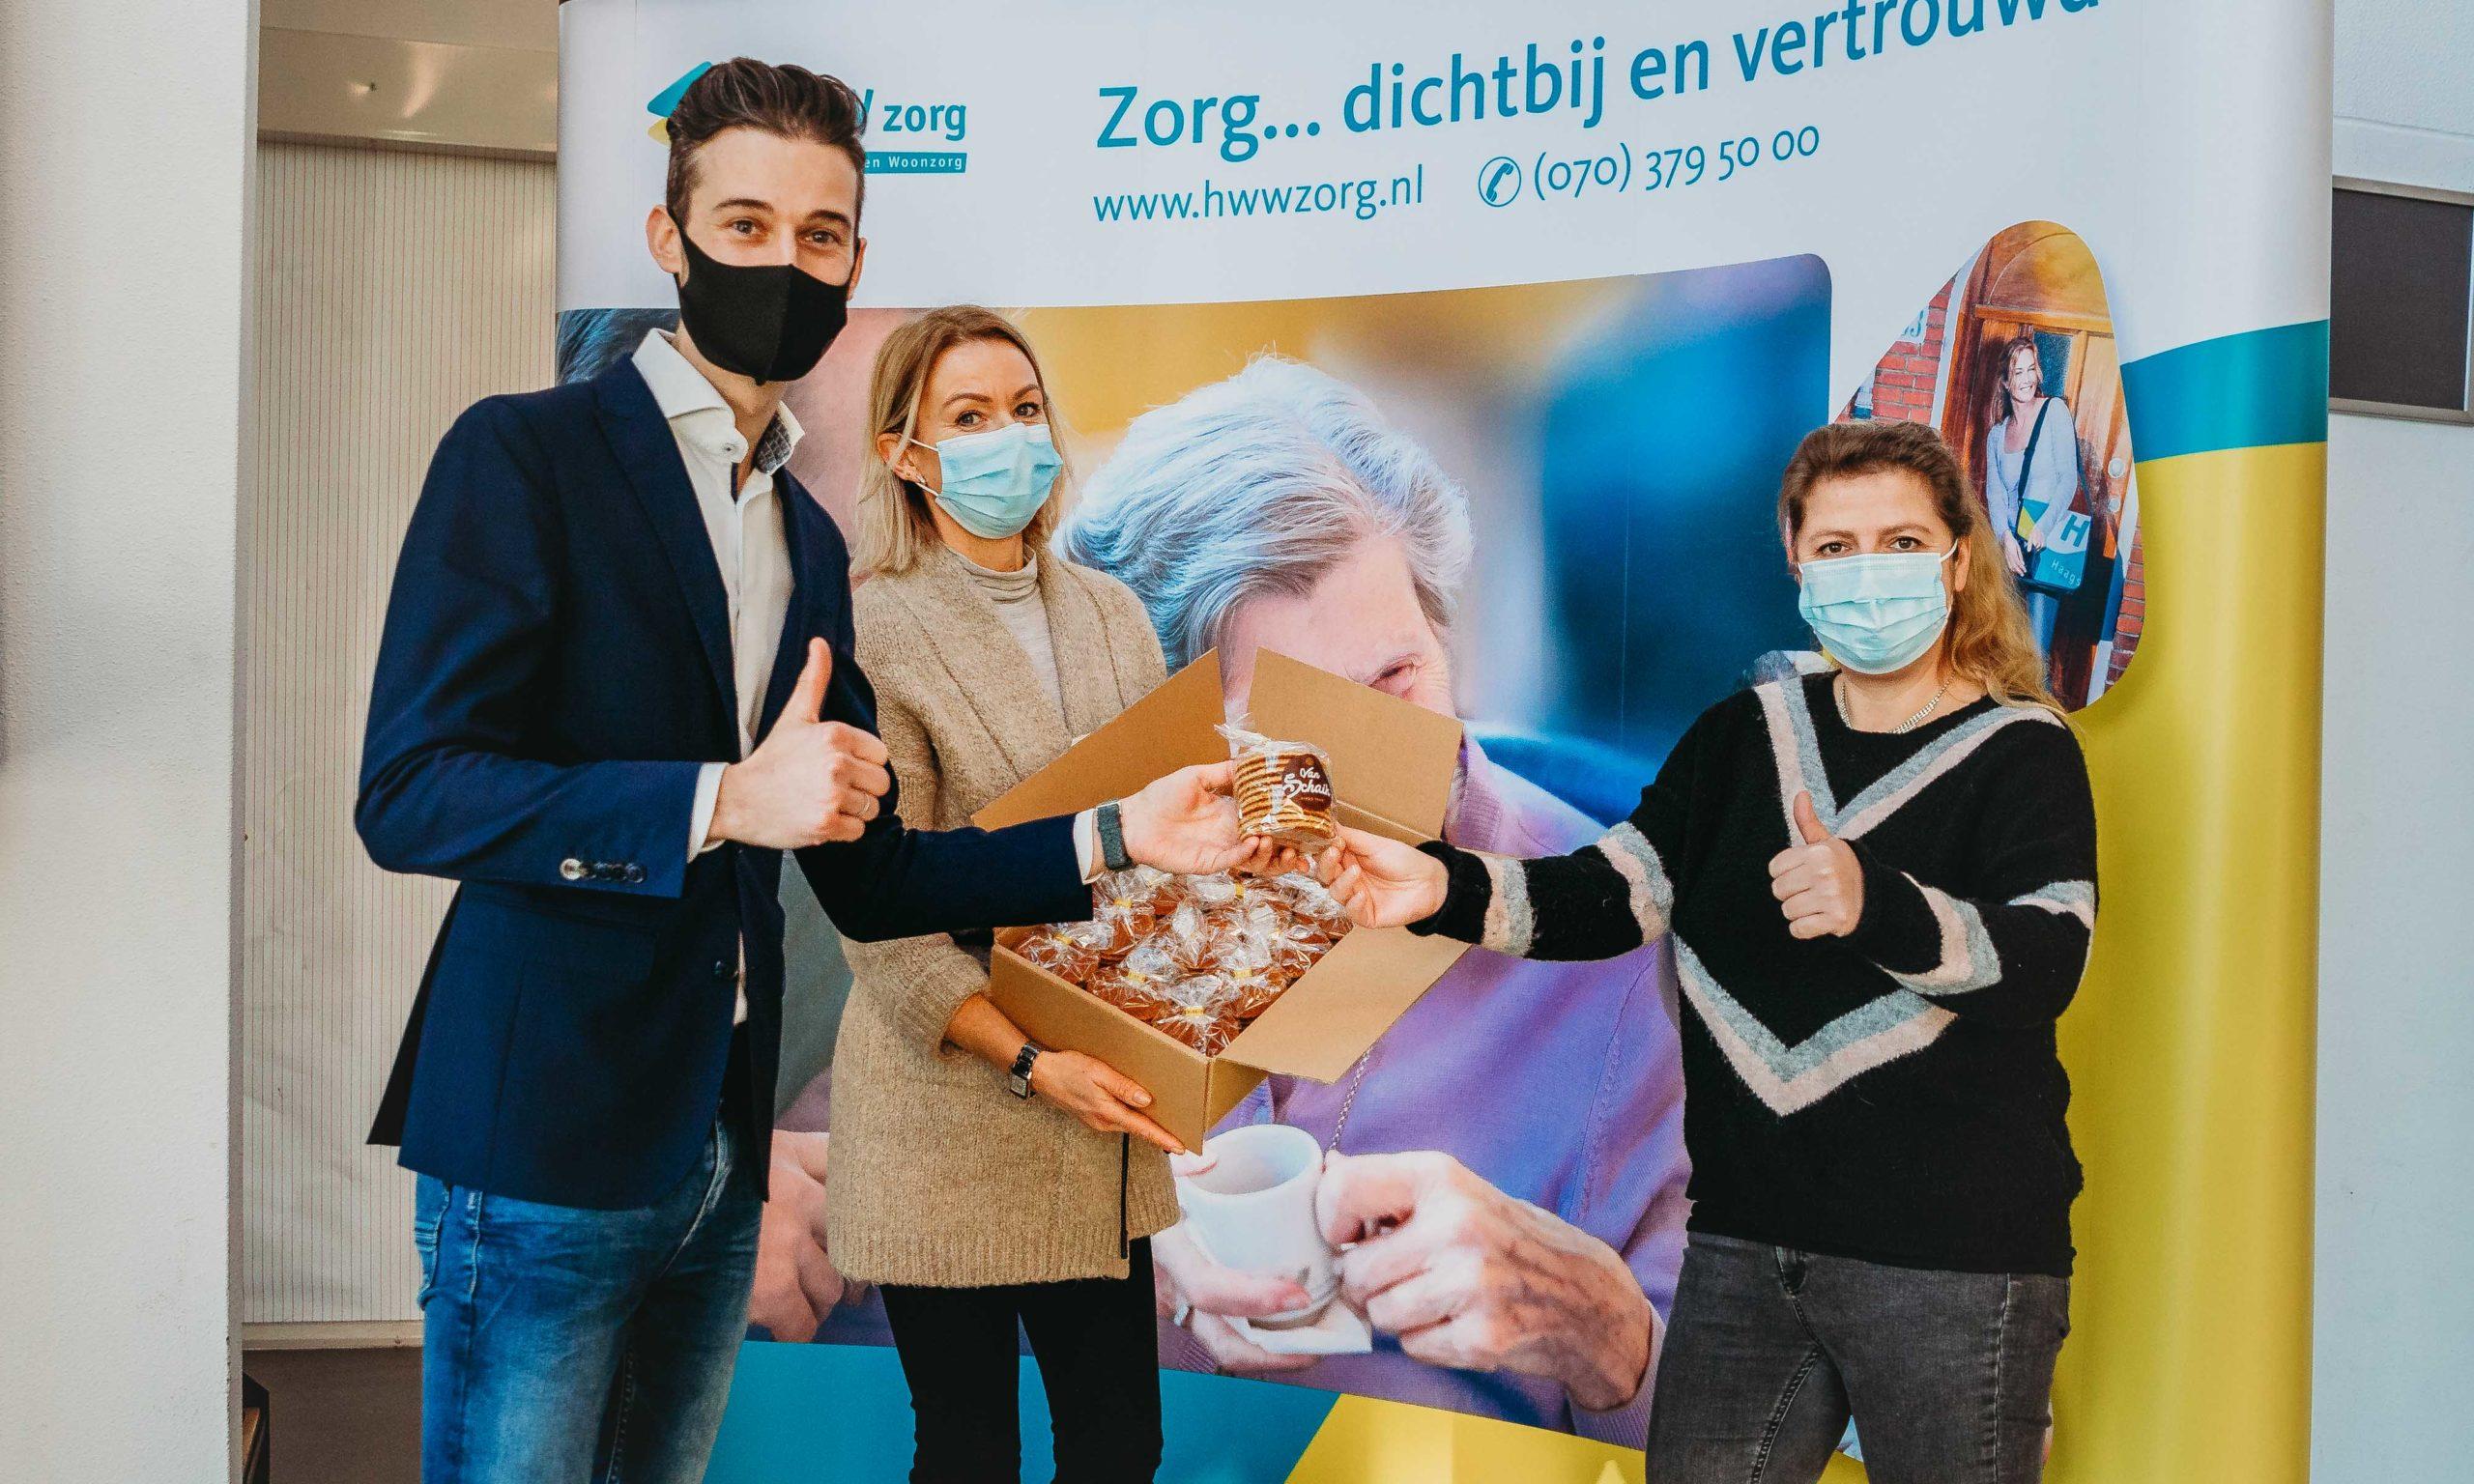 750 Van Schaik stroopwafels gedoneerd aan ouderen van HWW Zorg